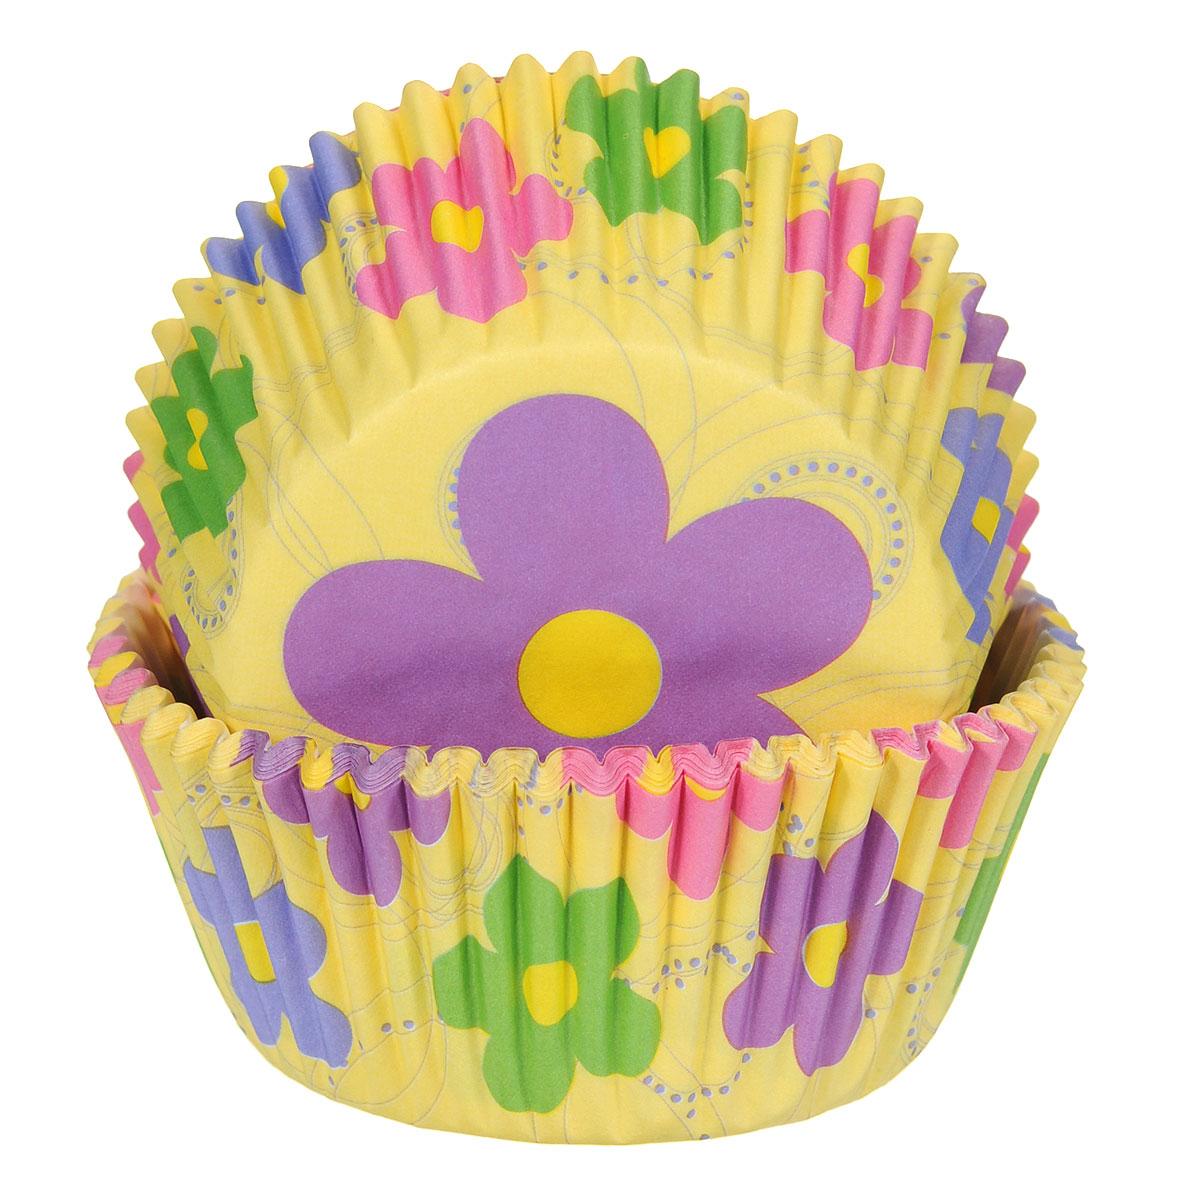 Набор бумажных форм для кексов Wilton Танцующие цветы, диаметр 6 см, 50 штWLT-415-7812Бумажные формы Wilton Танцующие цветы используются для выпечки, украшения и упаковки кондитерских изделий, сервировки конфет, орешков, десертов. Края форм гофрированные. С такими формами вы всегда сможете порадовать своих близких оригинальной выпечкой.